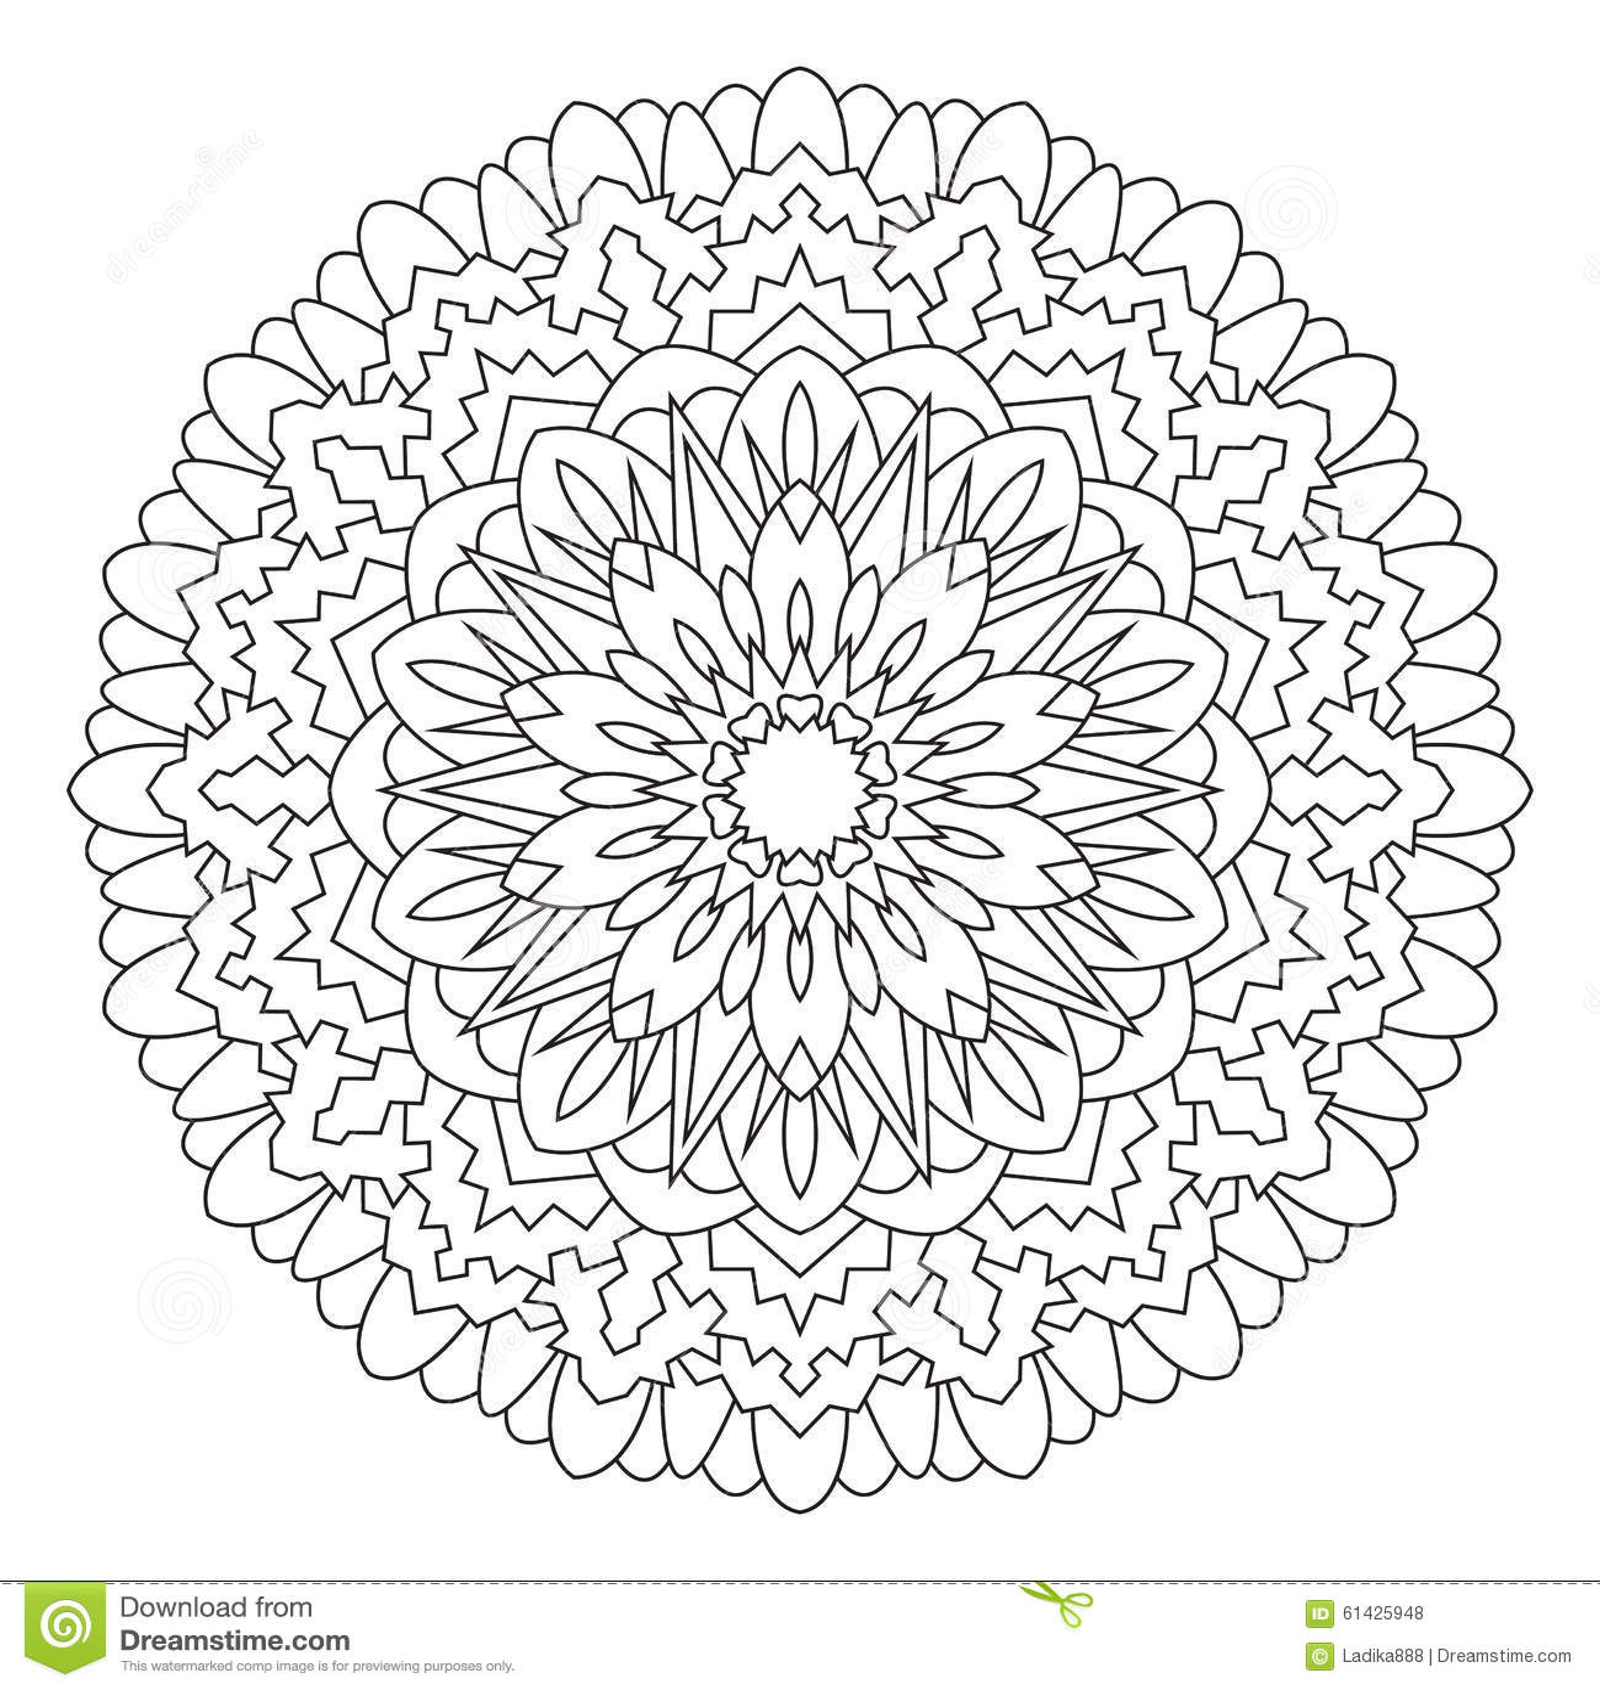 Mandala Fr Das Malen Und Die Frbung Stockfoto Bild